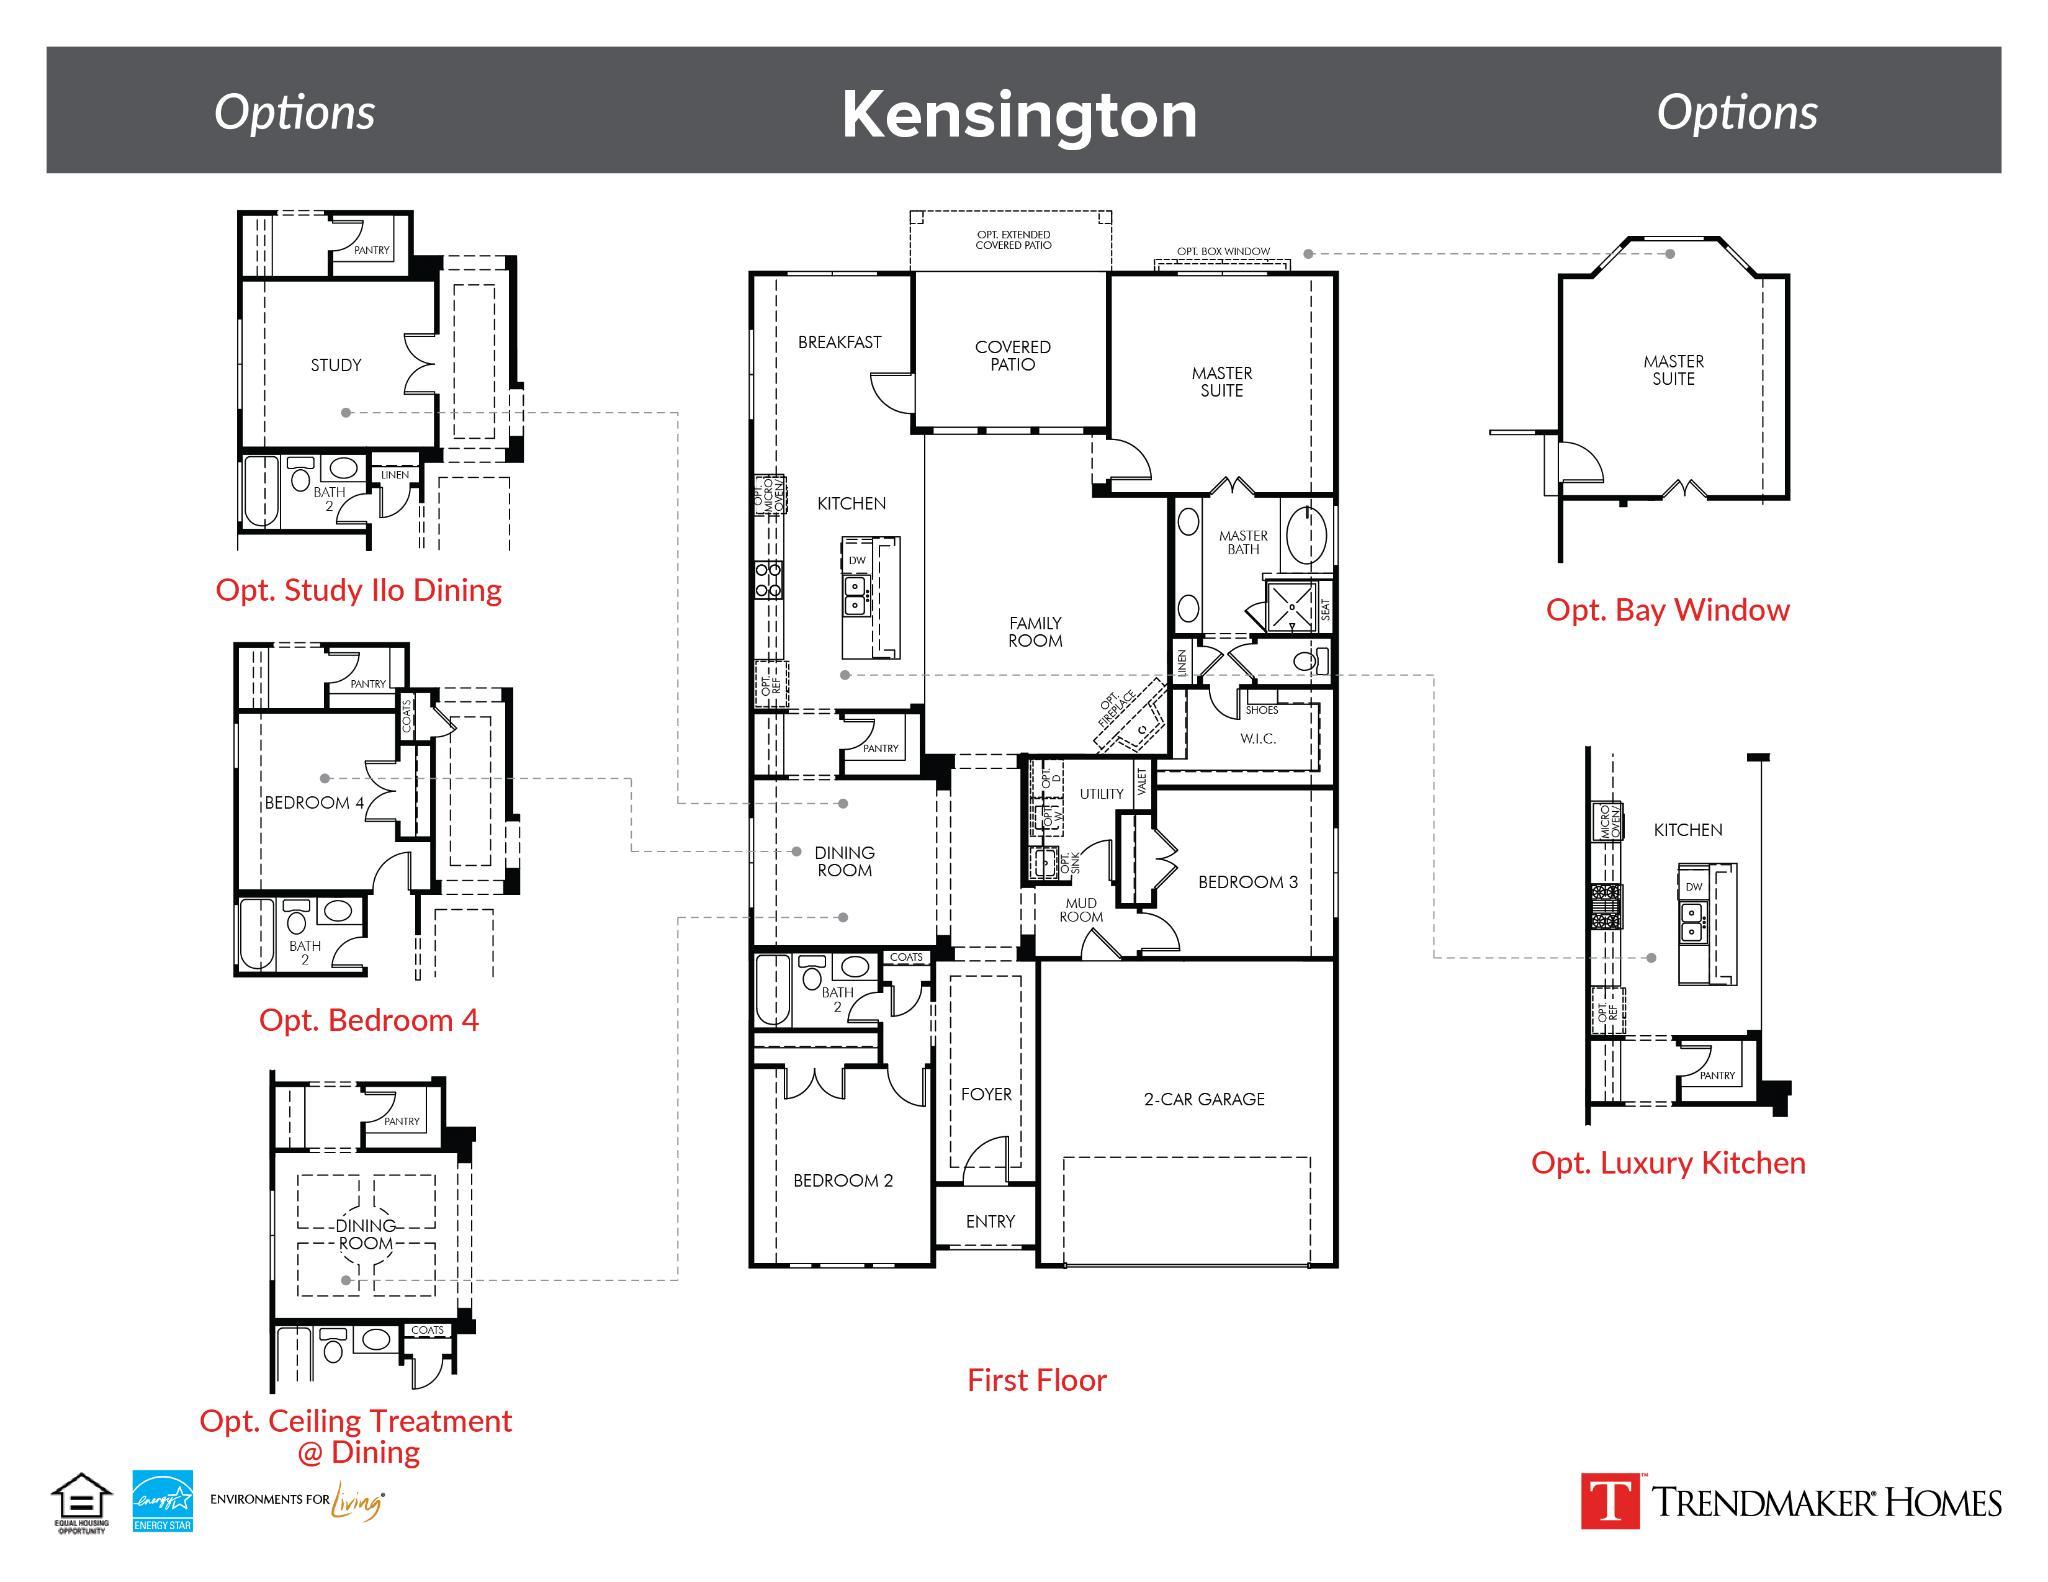 Kensington - Vilages of Carmel